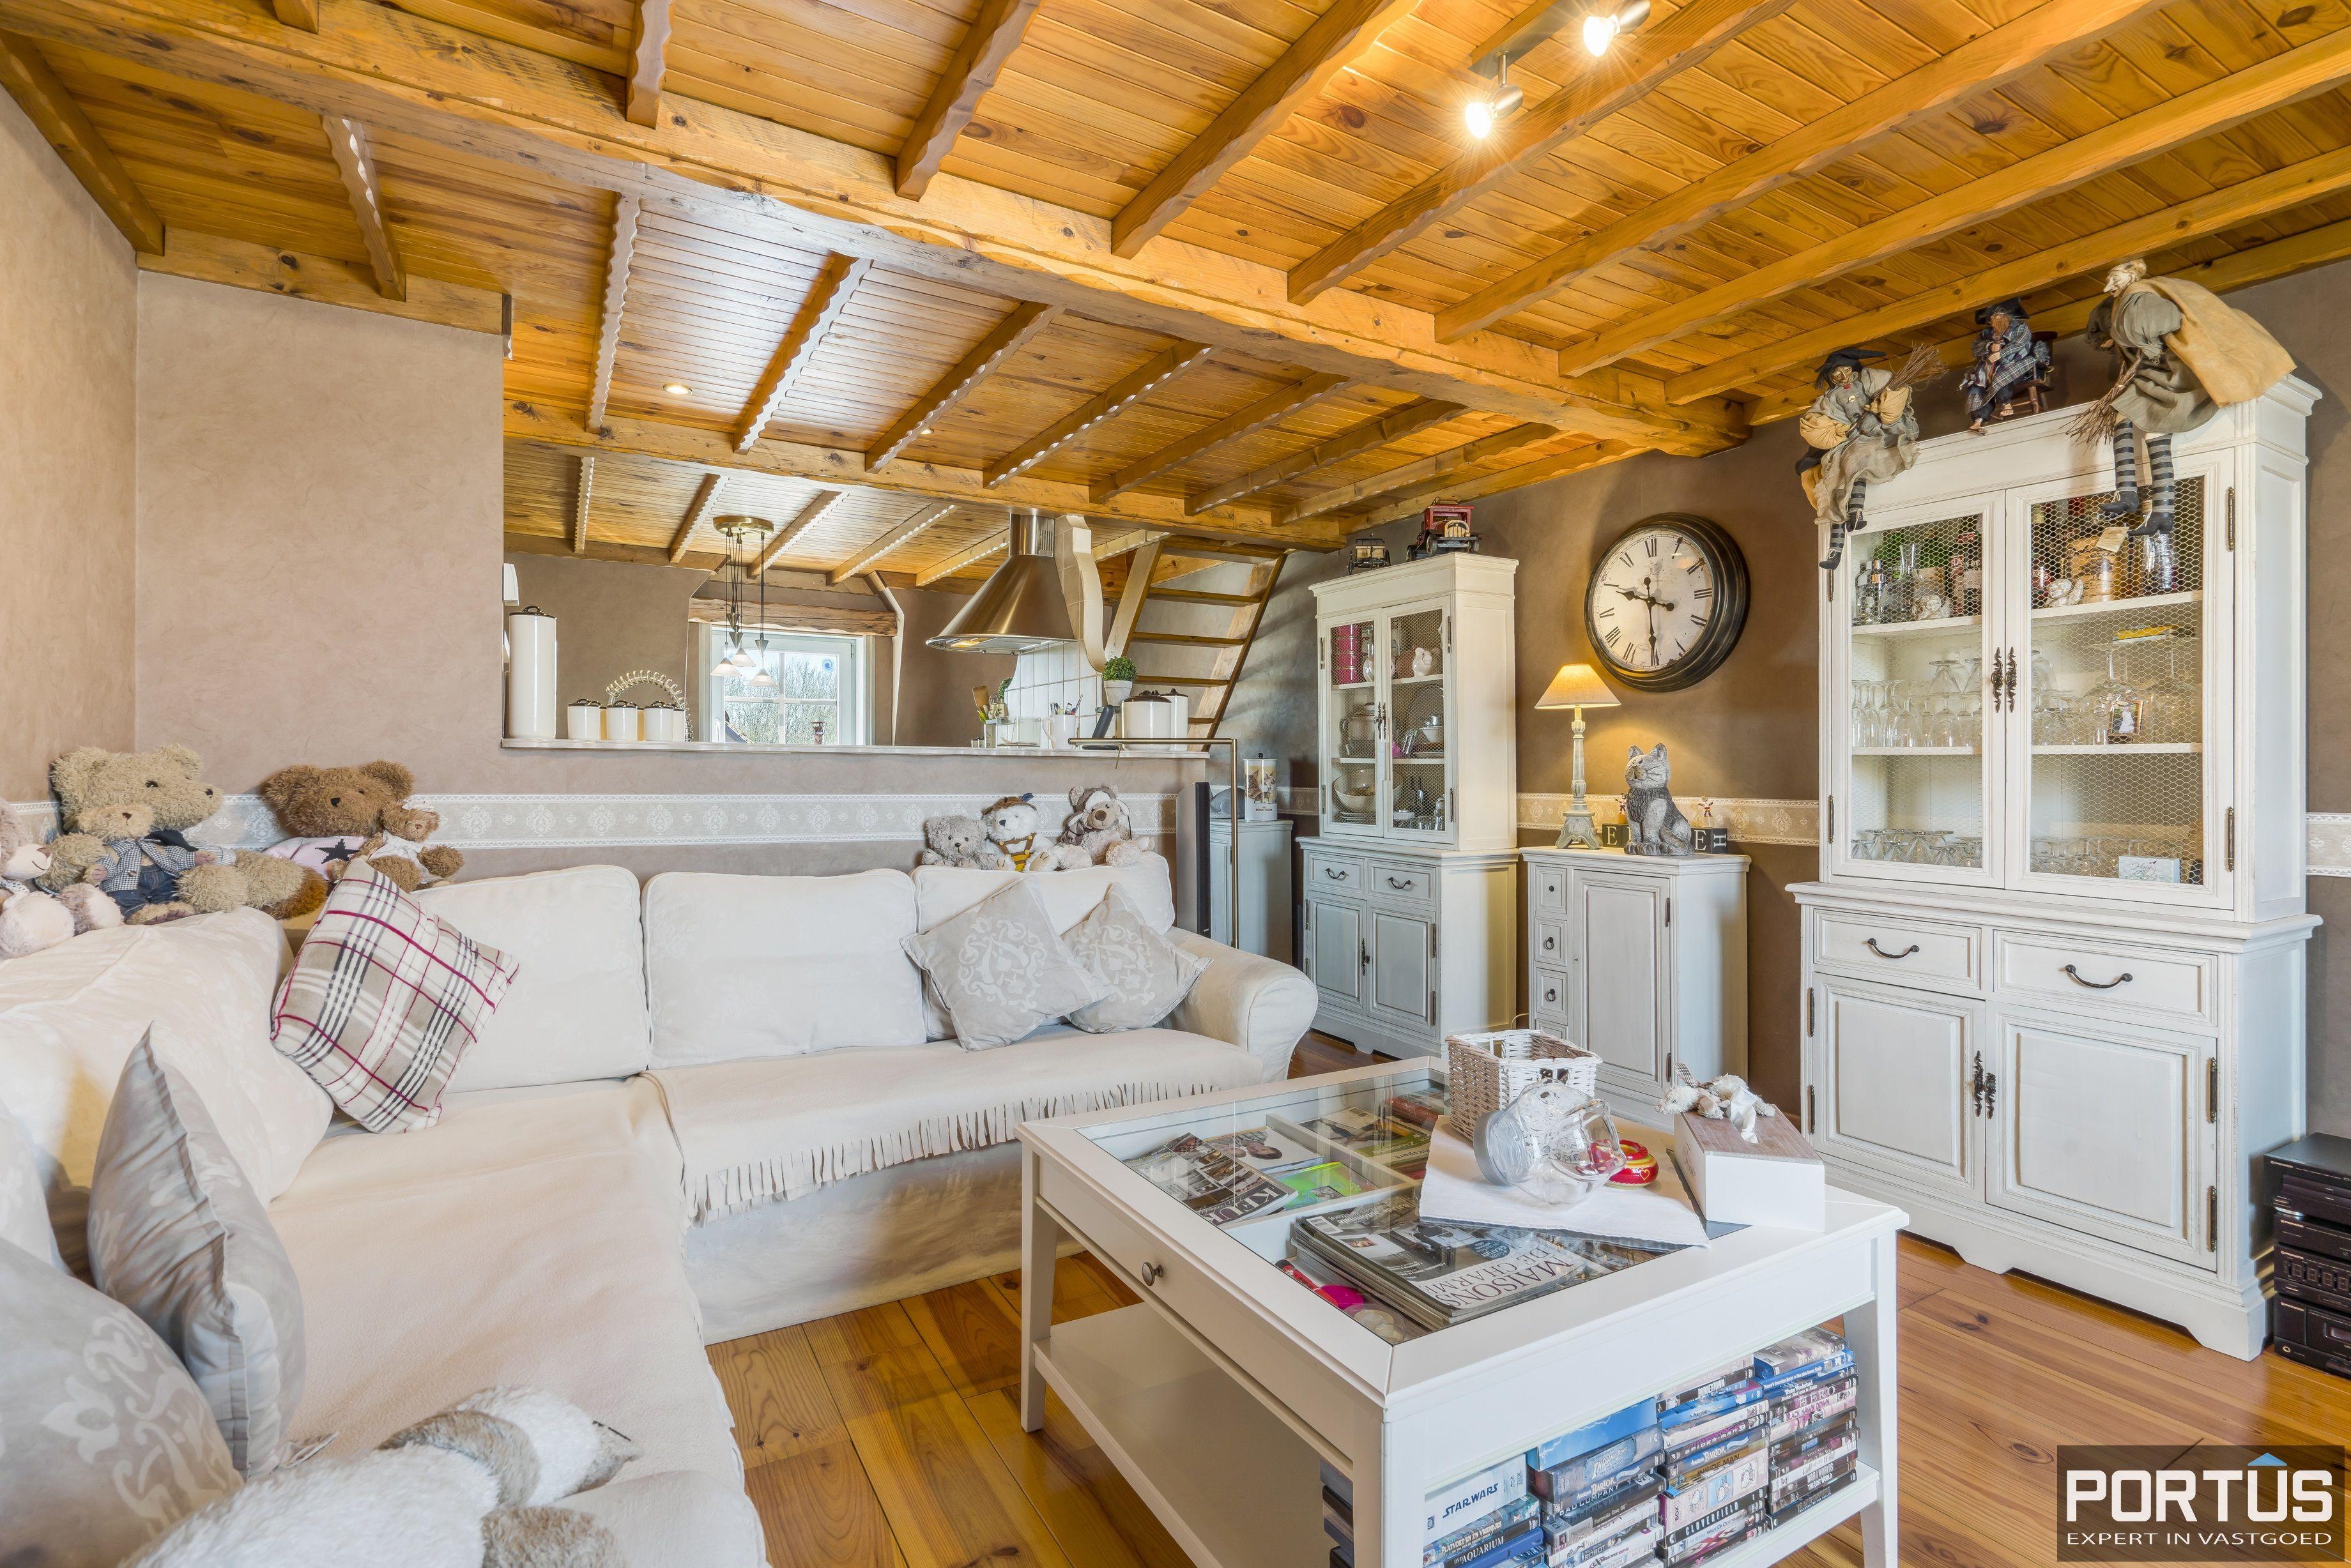 Woning met 2 slaapkamers te koop te Westende - 13421